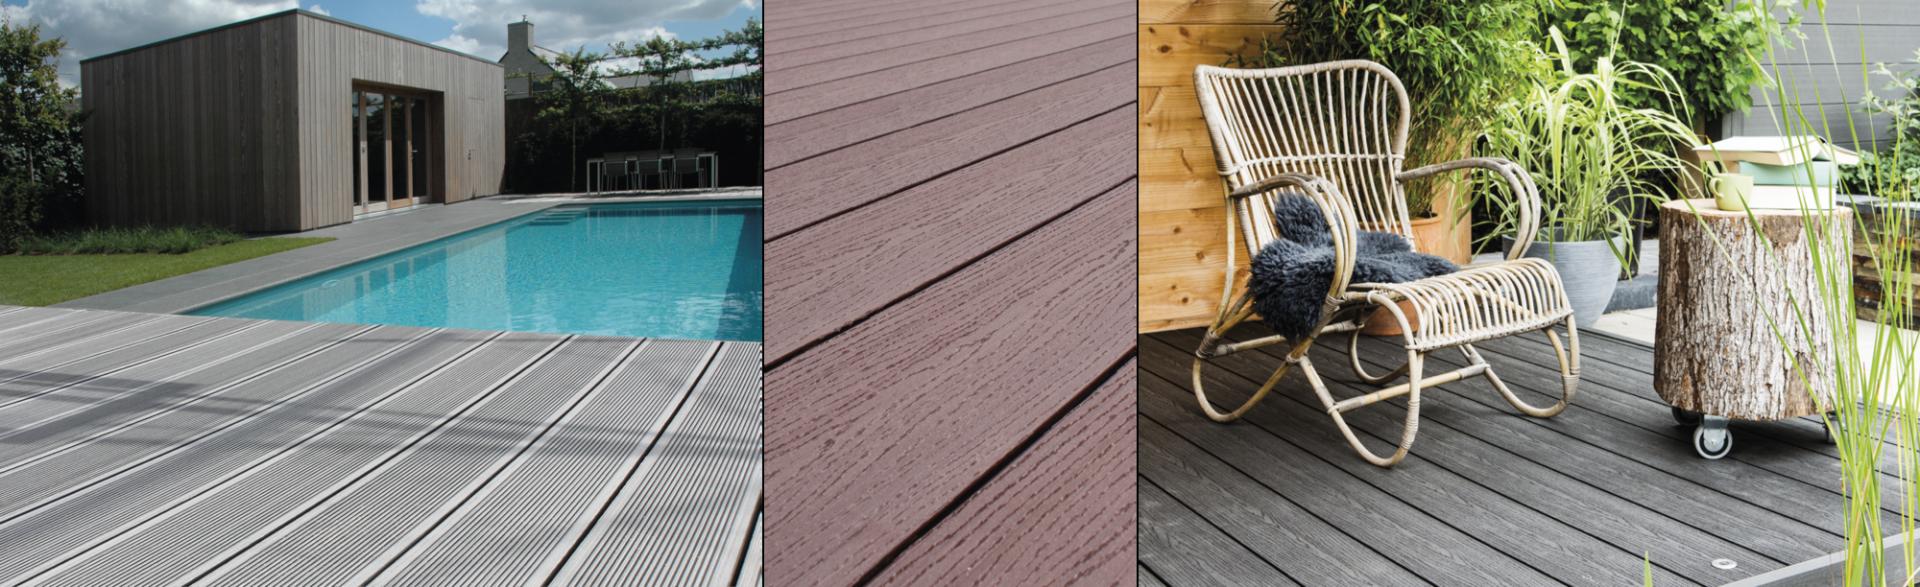 Terrasse En Palette Duree De Vie des lames de terrasse et clôtures en bois composite - duofuse